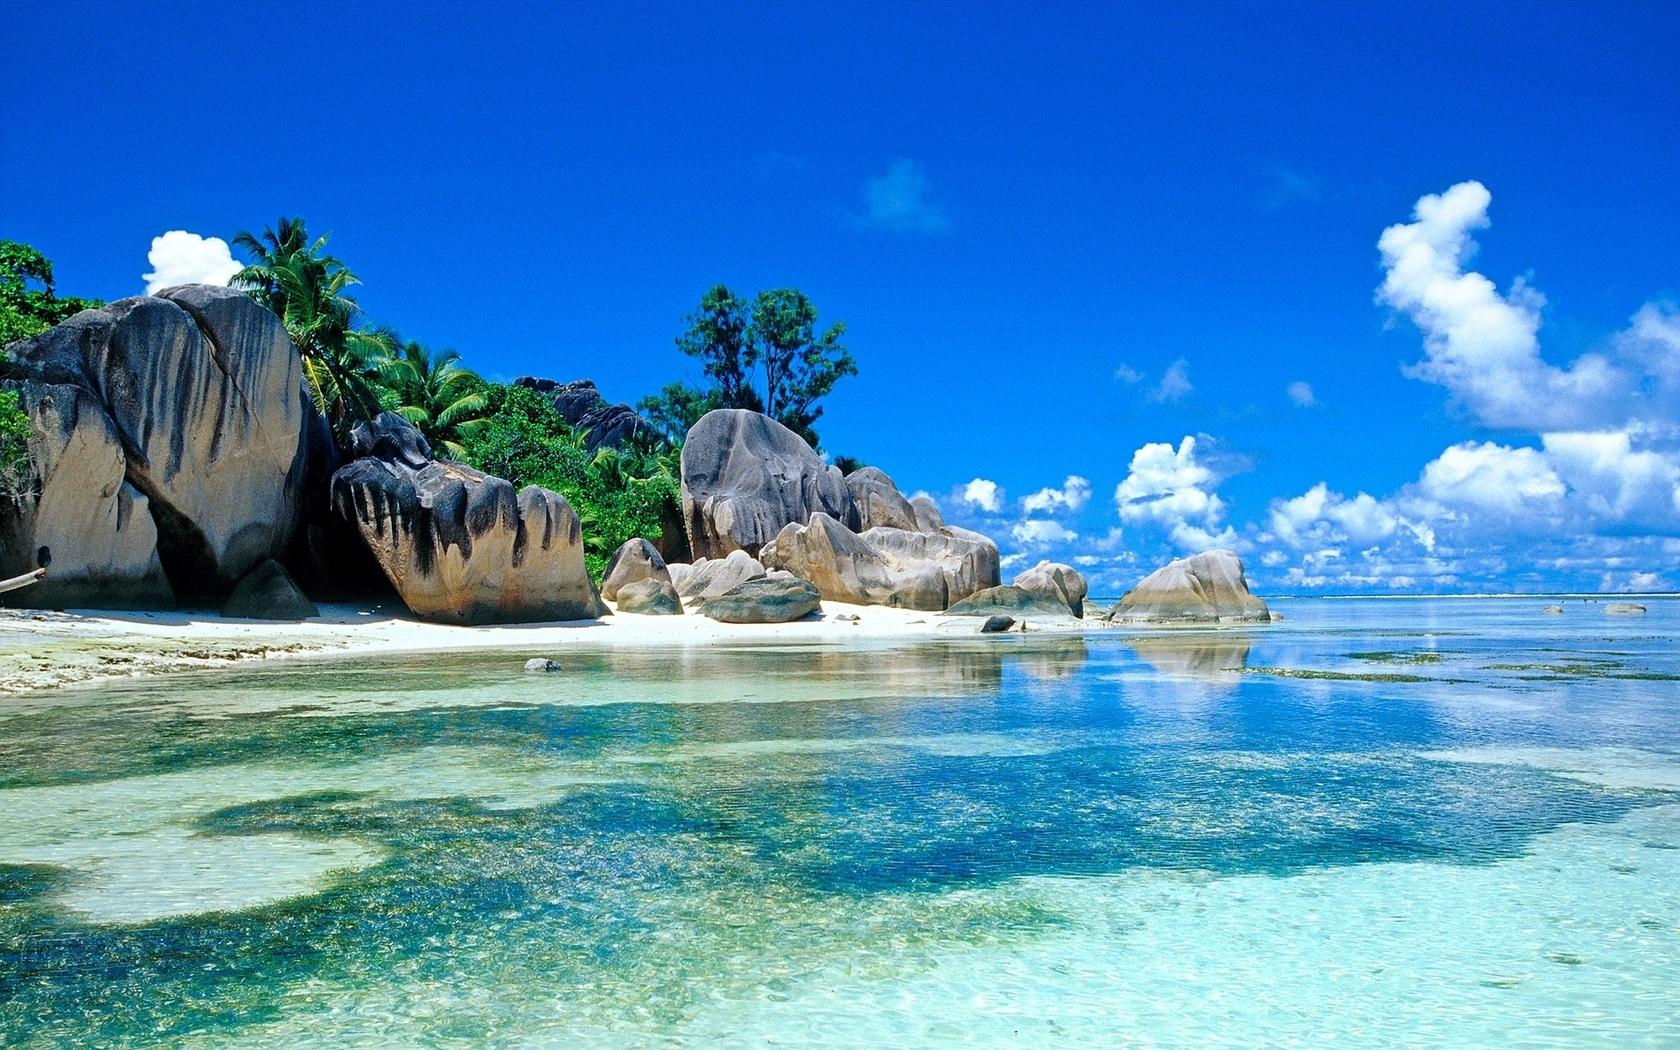 49615 Заставки и Обои Море на телефон. Скачать Море, Пейзаж, Природа картинки бесплатно